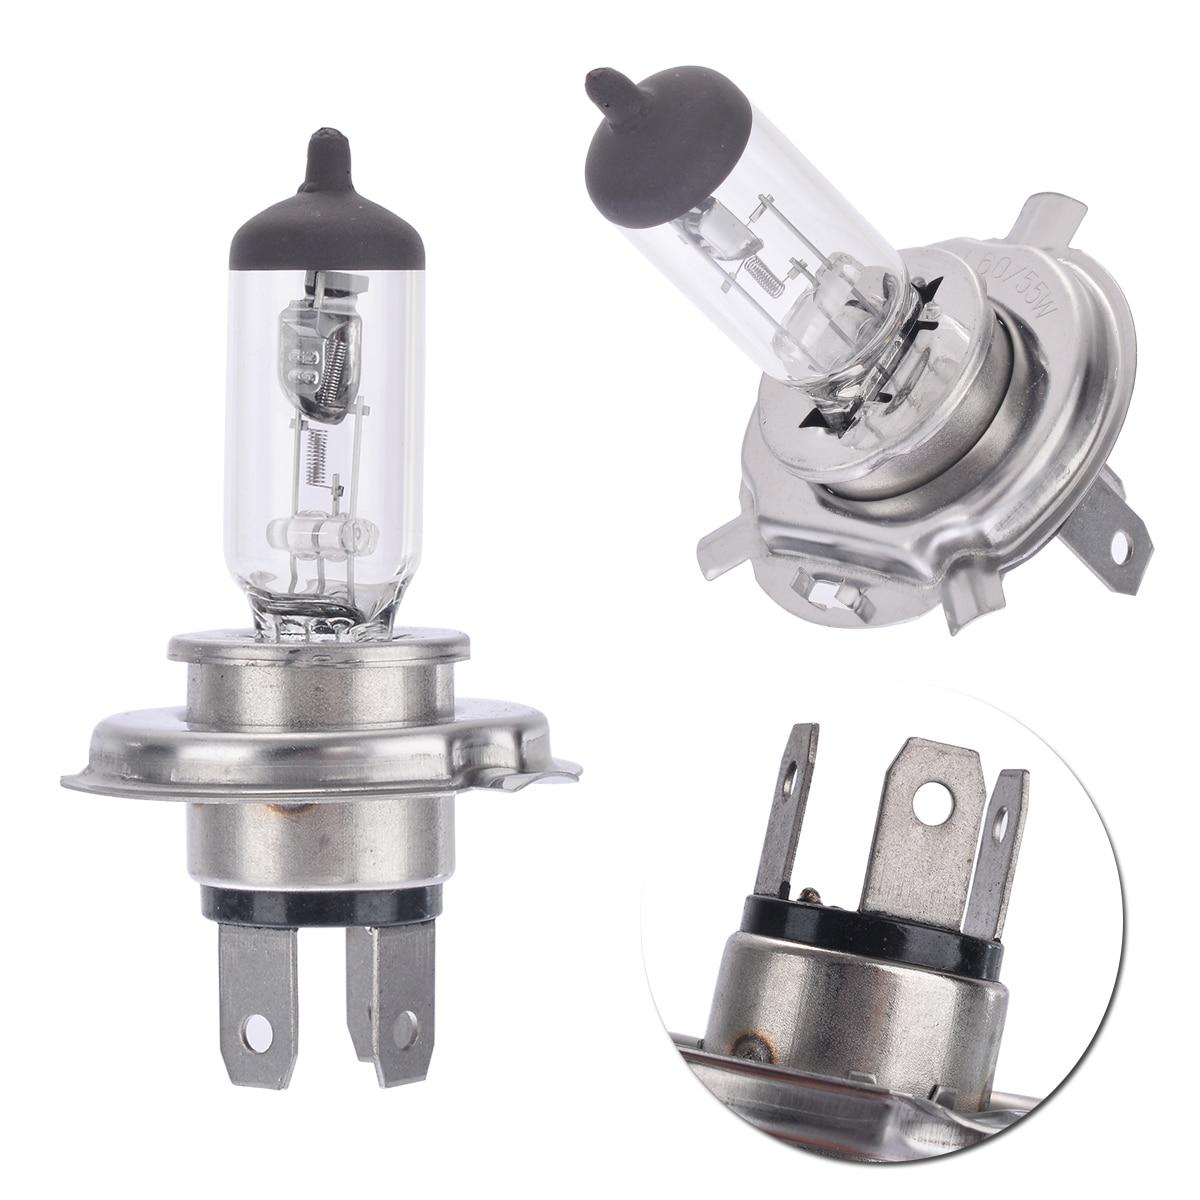 1pc H4 12V 60/55W P43t-38 Headlight Bulb Premium +30% Hal-ogen For Auto SUV Truck Lamp Accessories